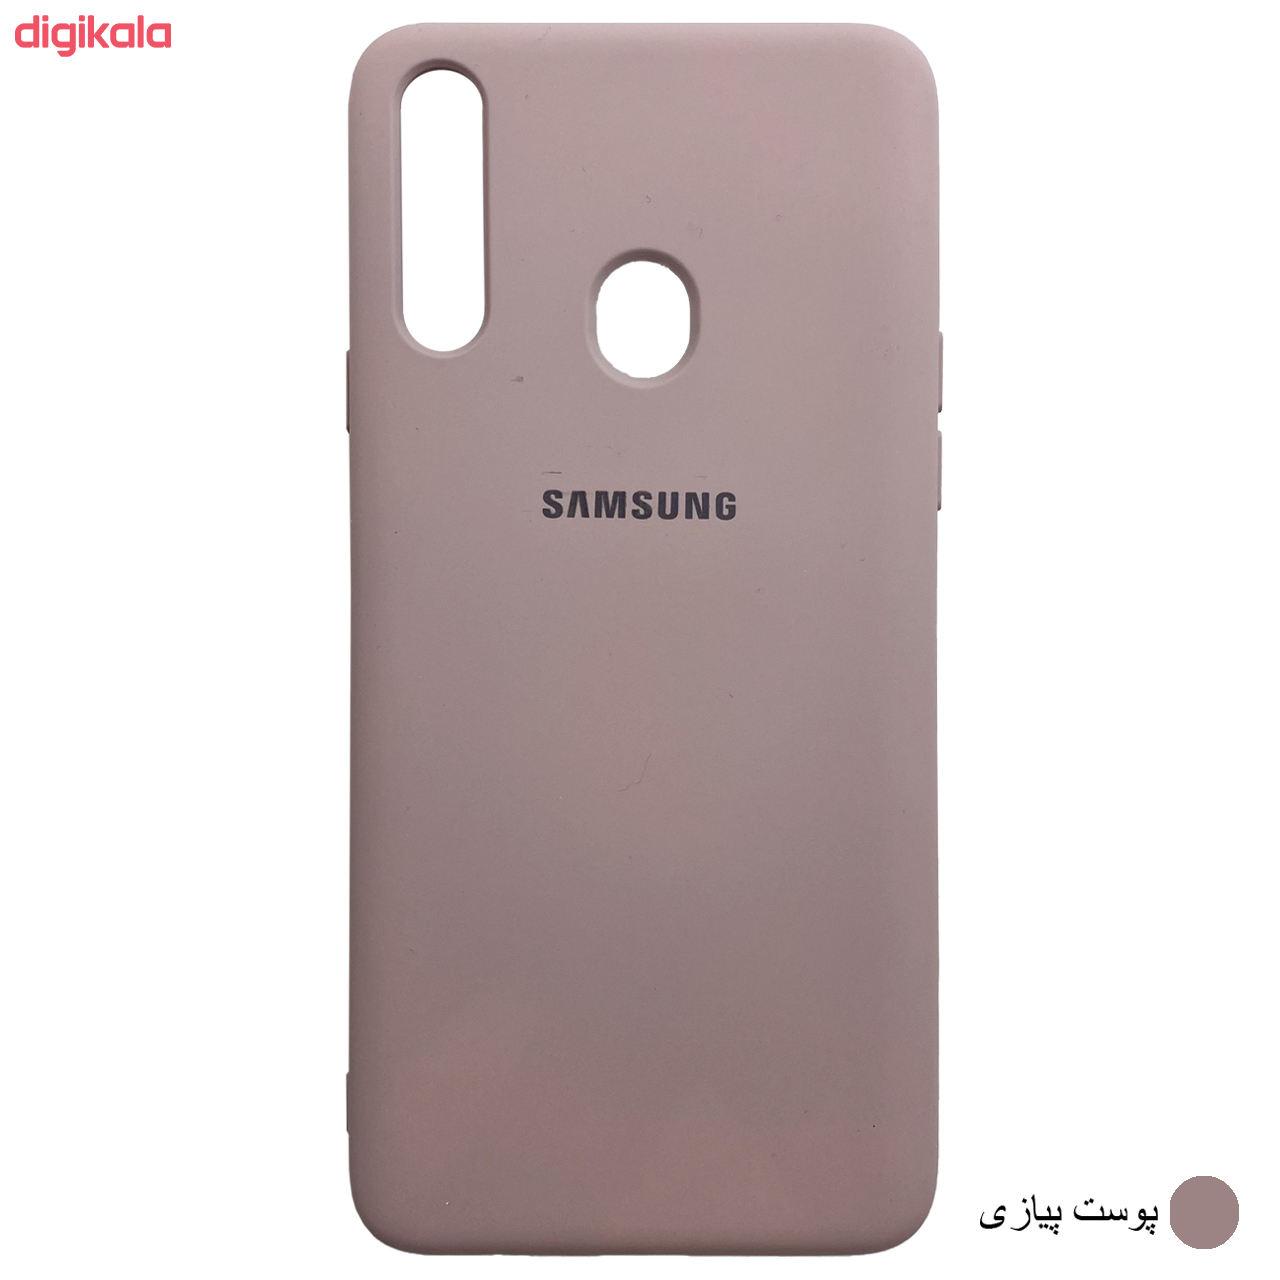 کاور مدل SCN مناسب برای گوشی موبایل سامسونگ Galaxy A20s main 1 10